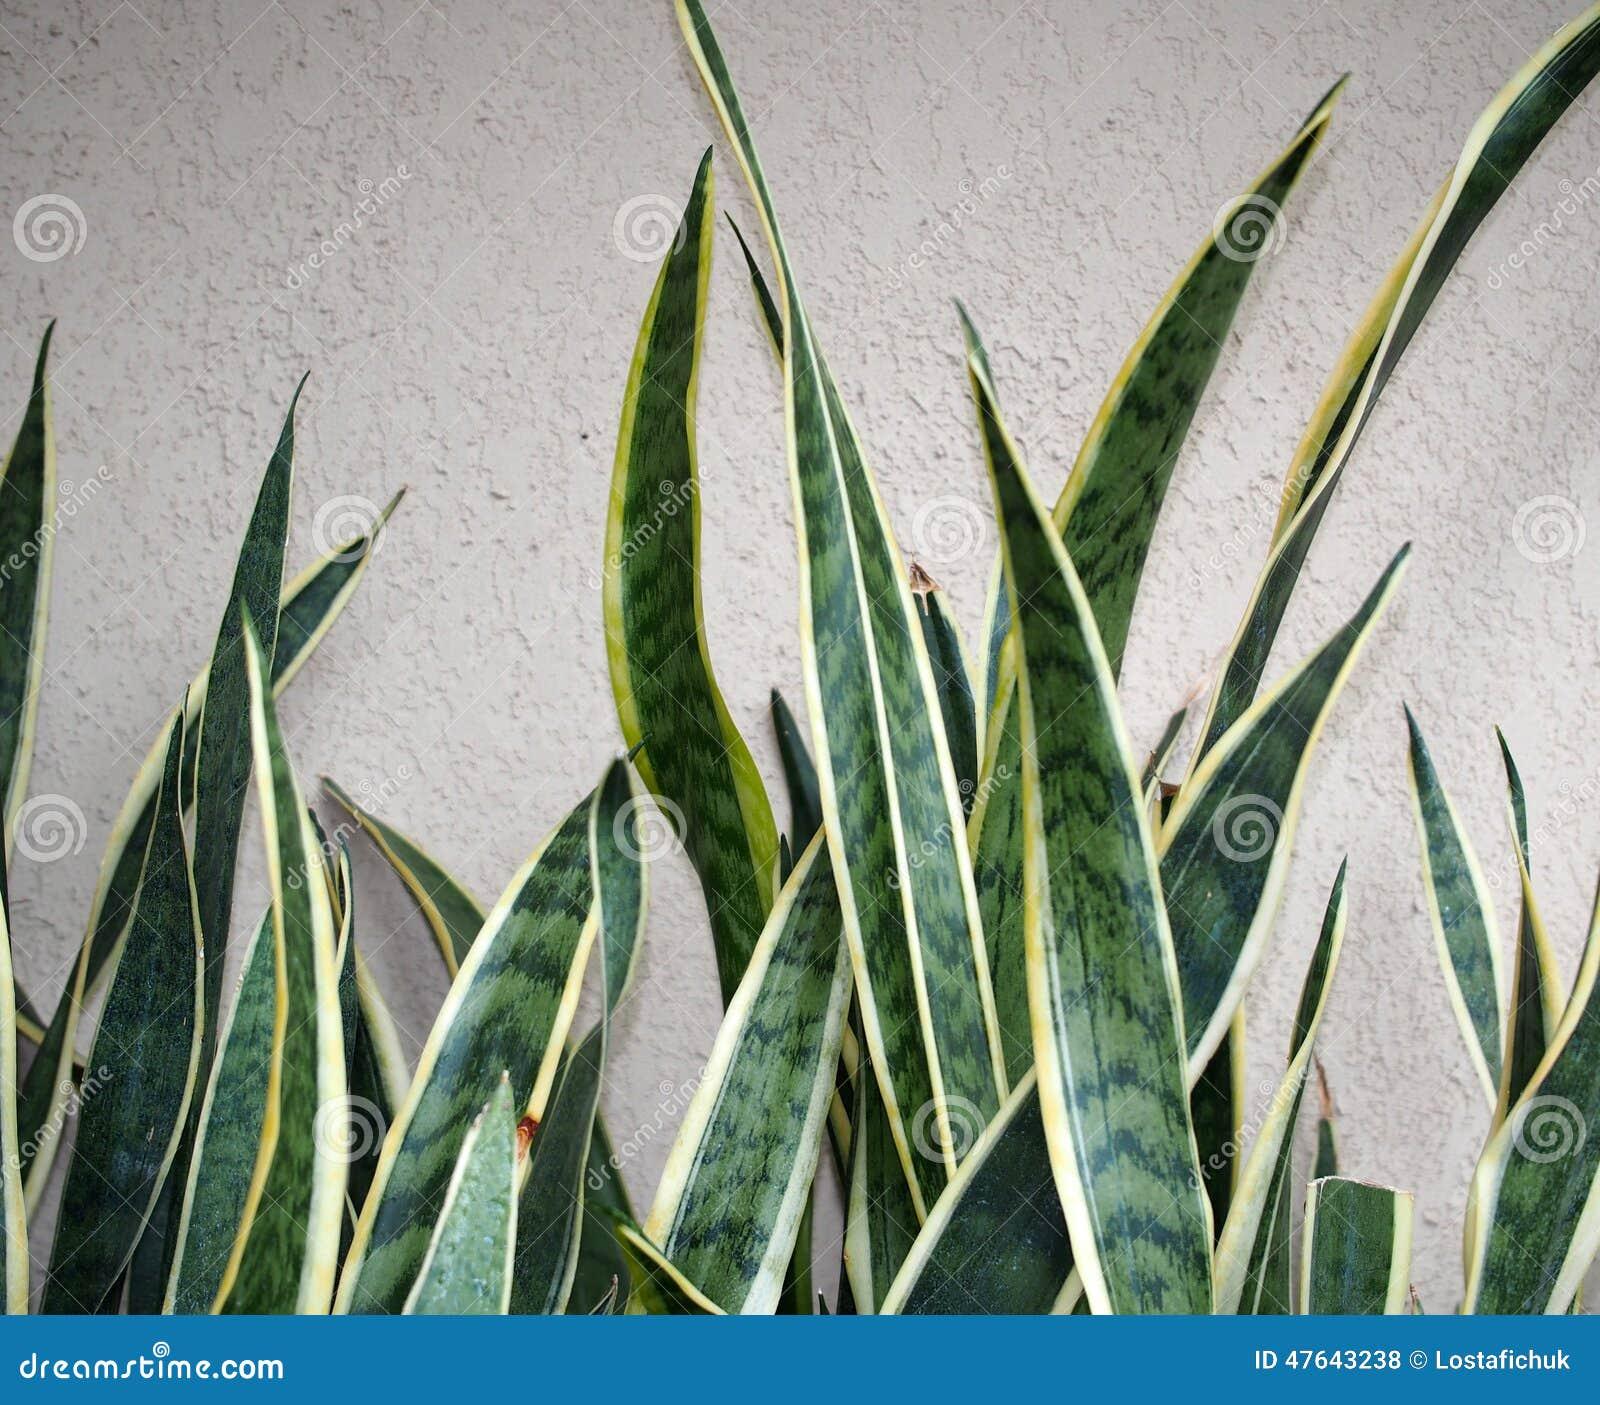 ... gialla e verde variegata di Sansevaria contro una parete bianca